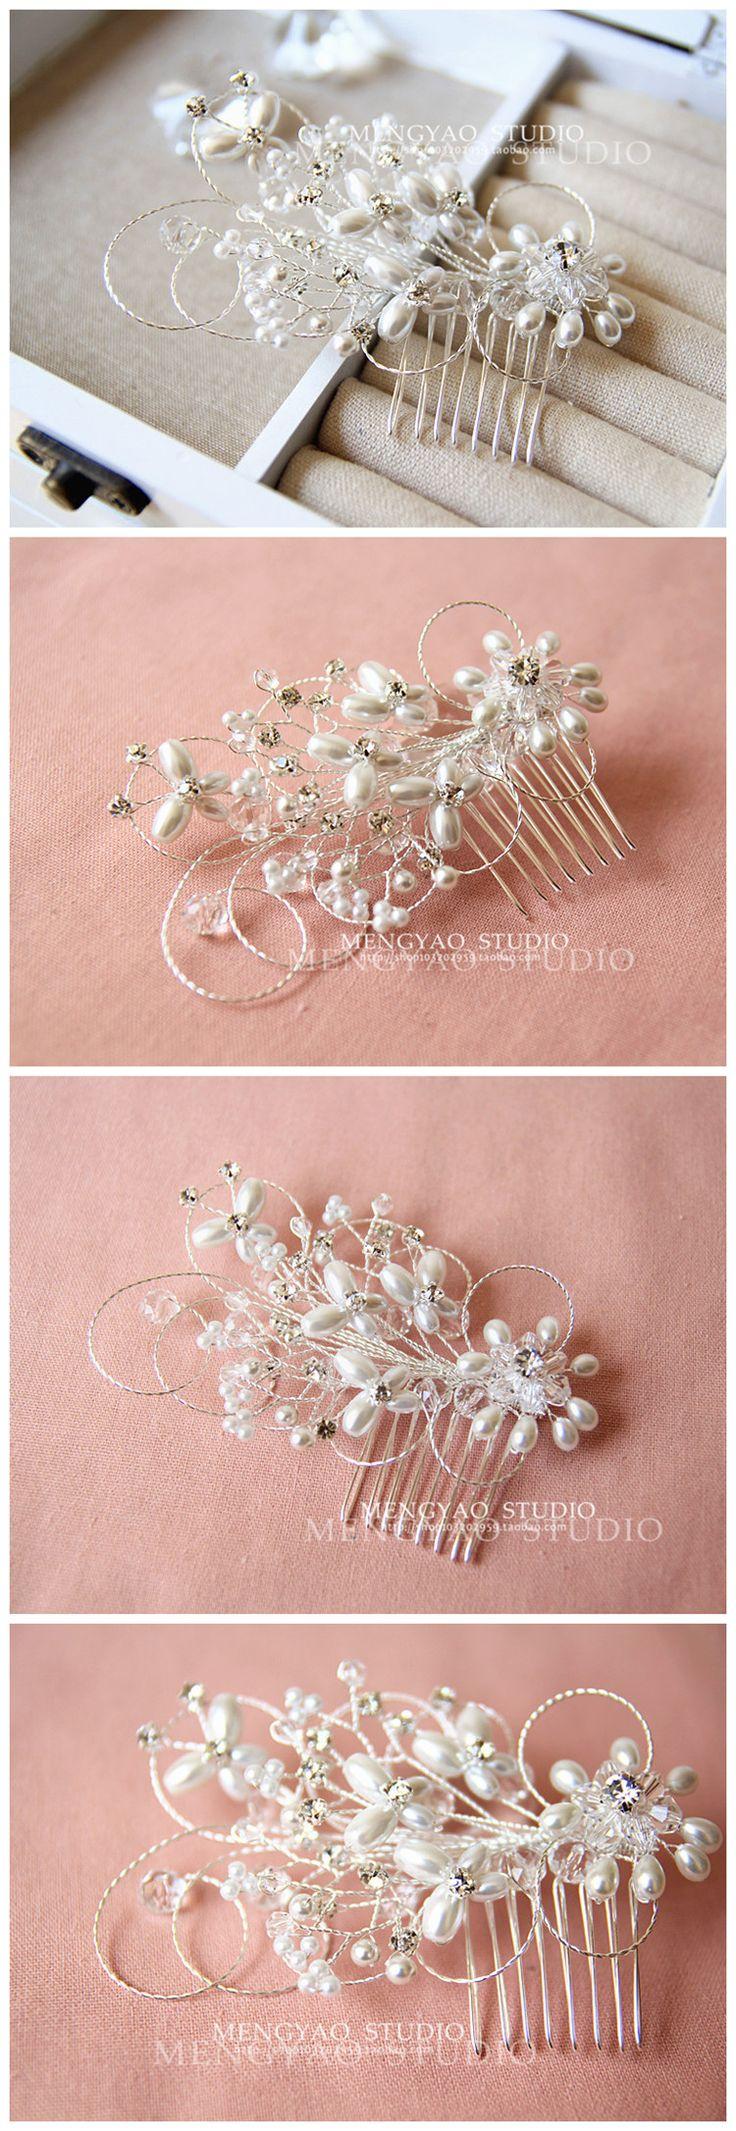 Акиба Мэн руководство струнные цветы в Европе и Америке красивый кристалл жемчужина свадебный головной убор пластины волосы расческой свадьбы с аксессуарами - Taobao